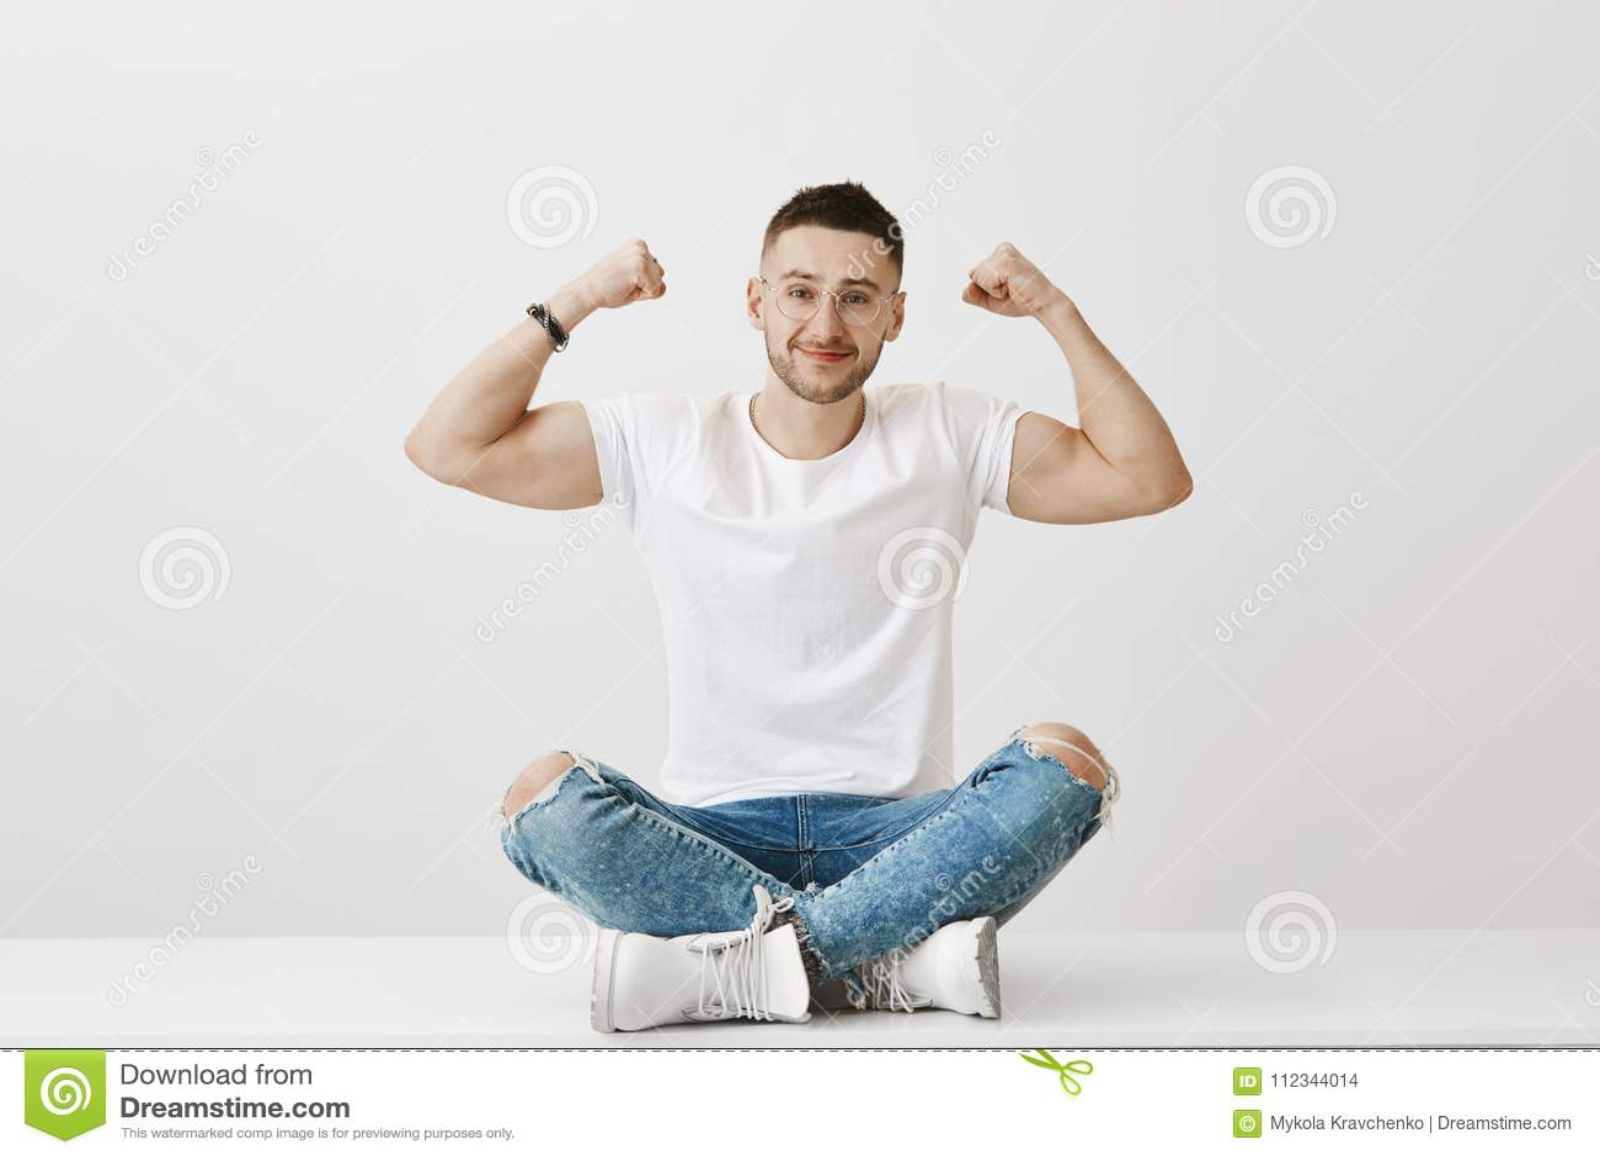 Żadny sterydów właśnie udziały wysiłek i władza wola Przyglądający silny mężczyzna siedzi na podłoga w szkłach podczas gdy pokazy